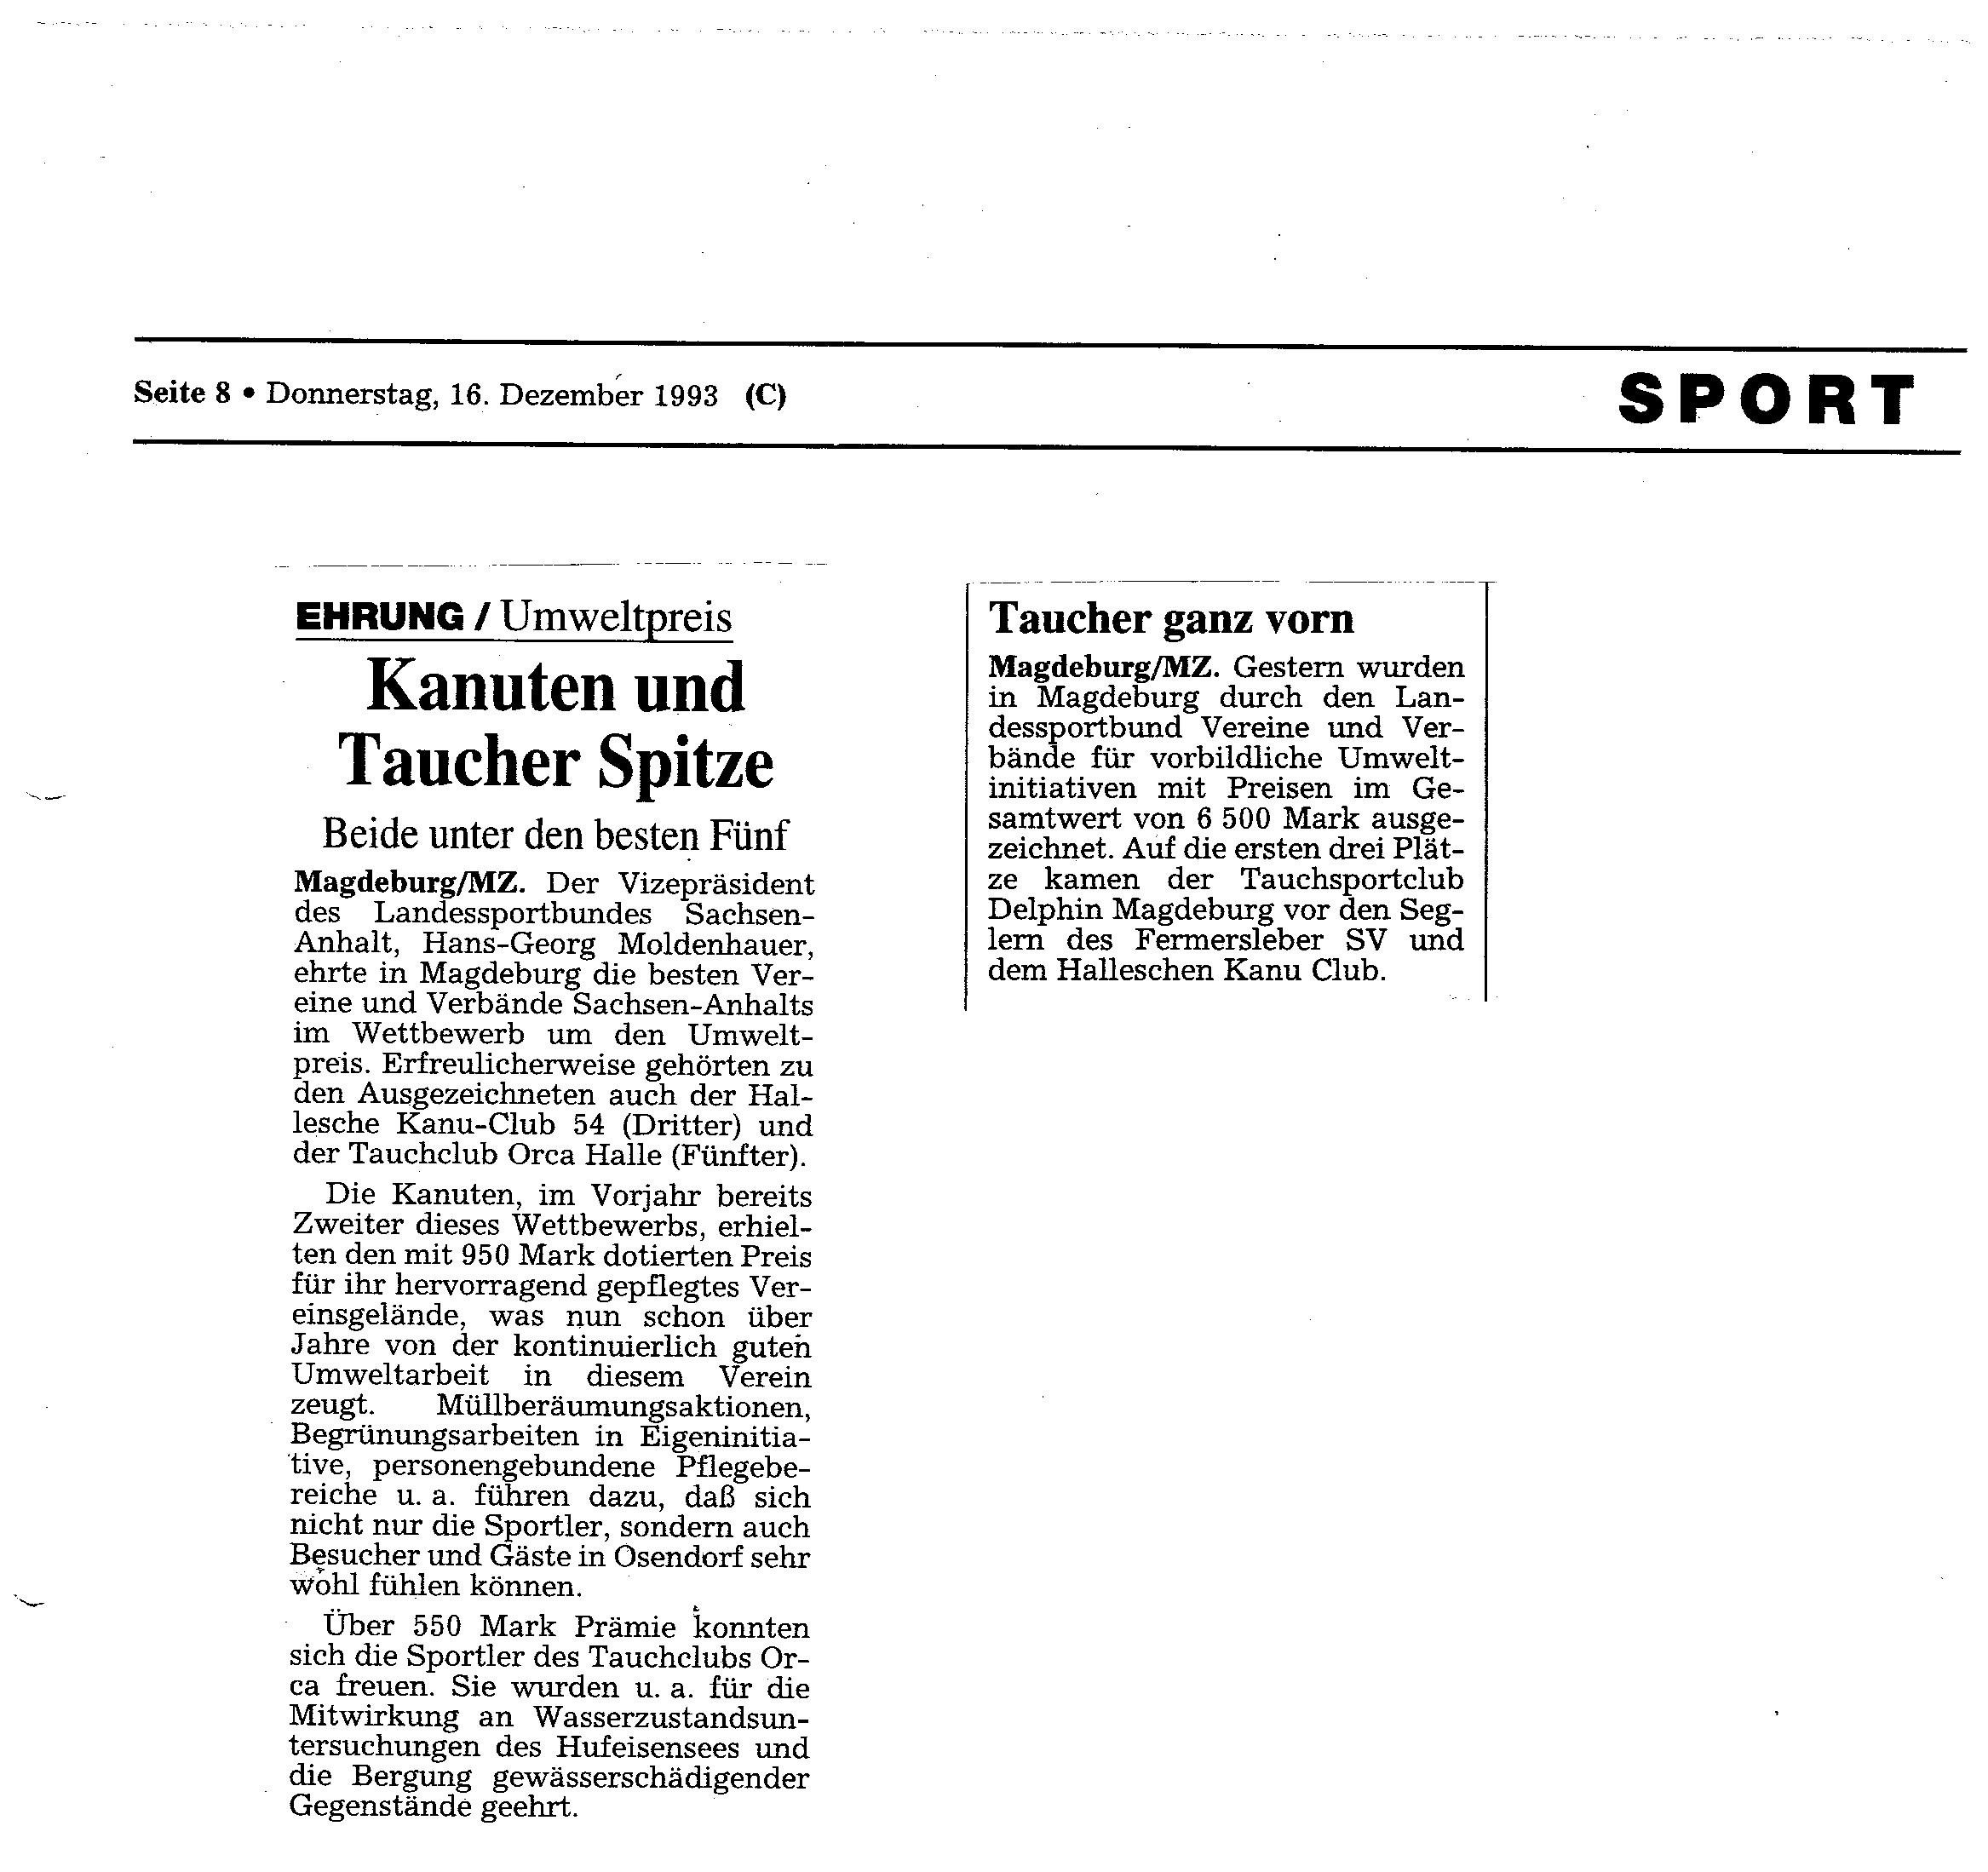 1993-12-16 MZ Kanuten und Taucher Spitze